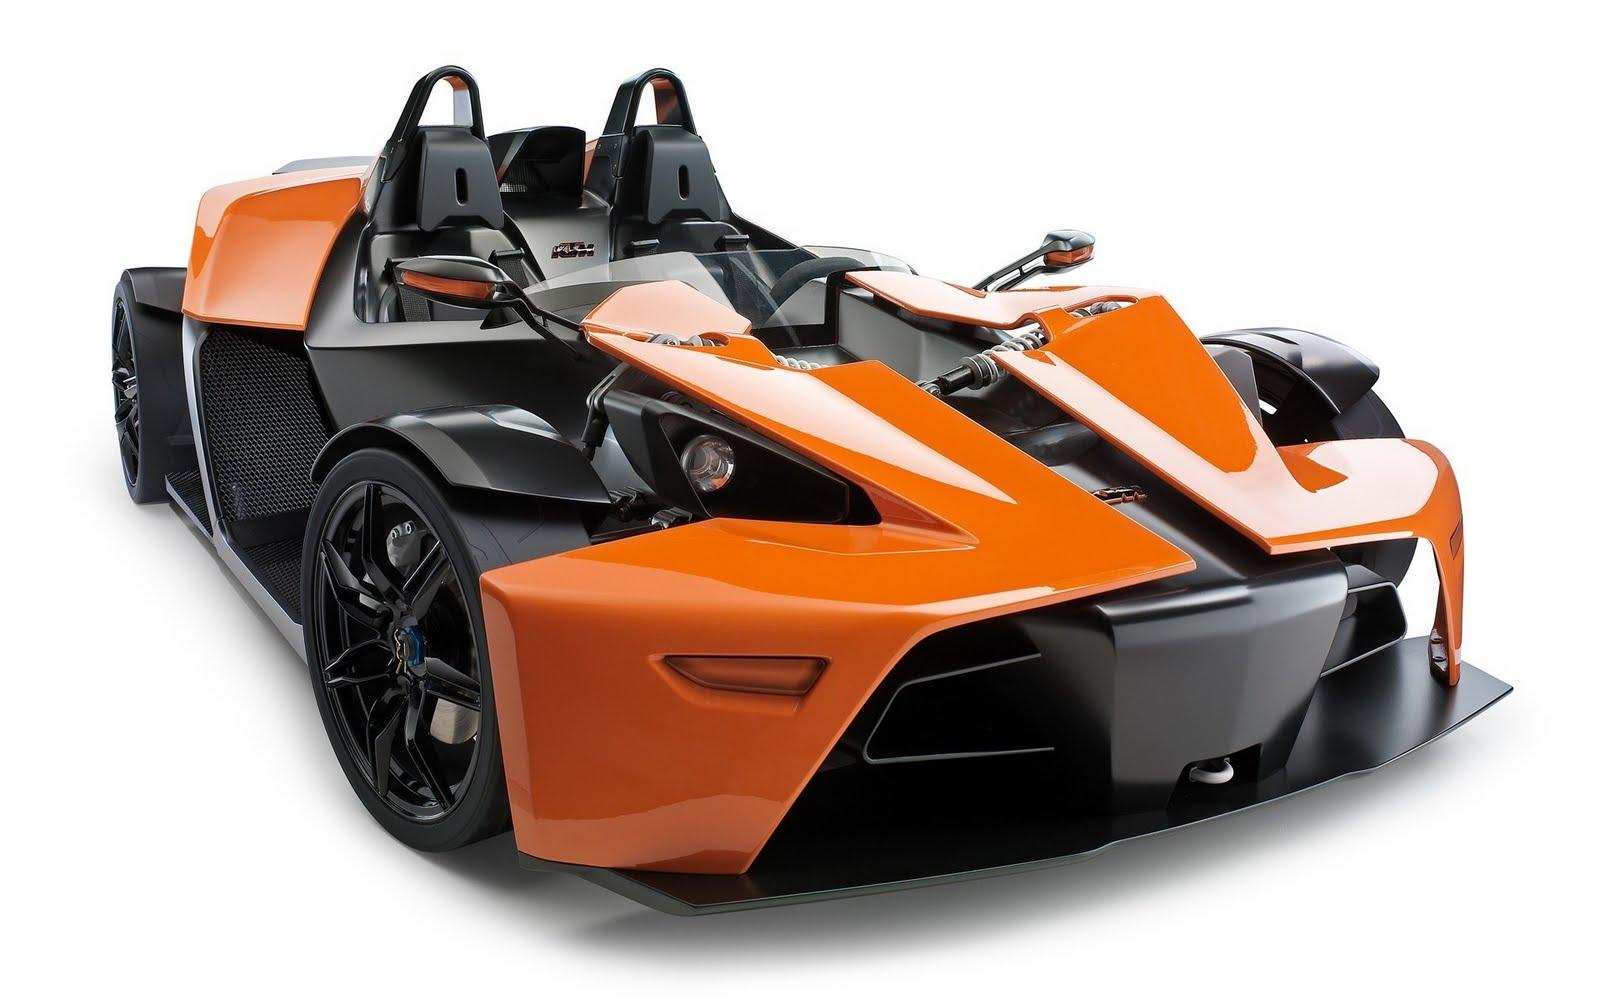 Kumpulan Modifikasi Mobil Sport Terkeren Terlengkap Modifikasi